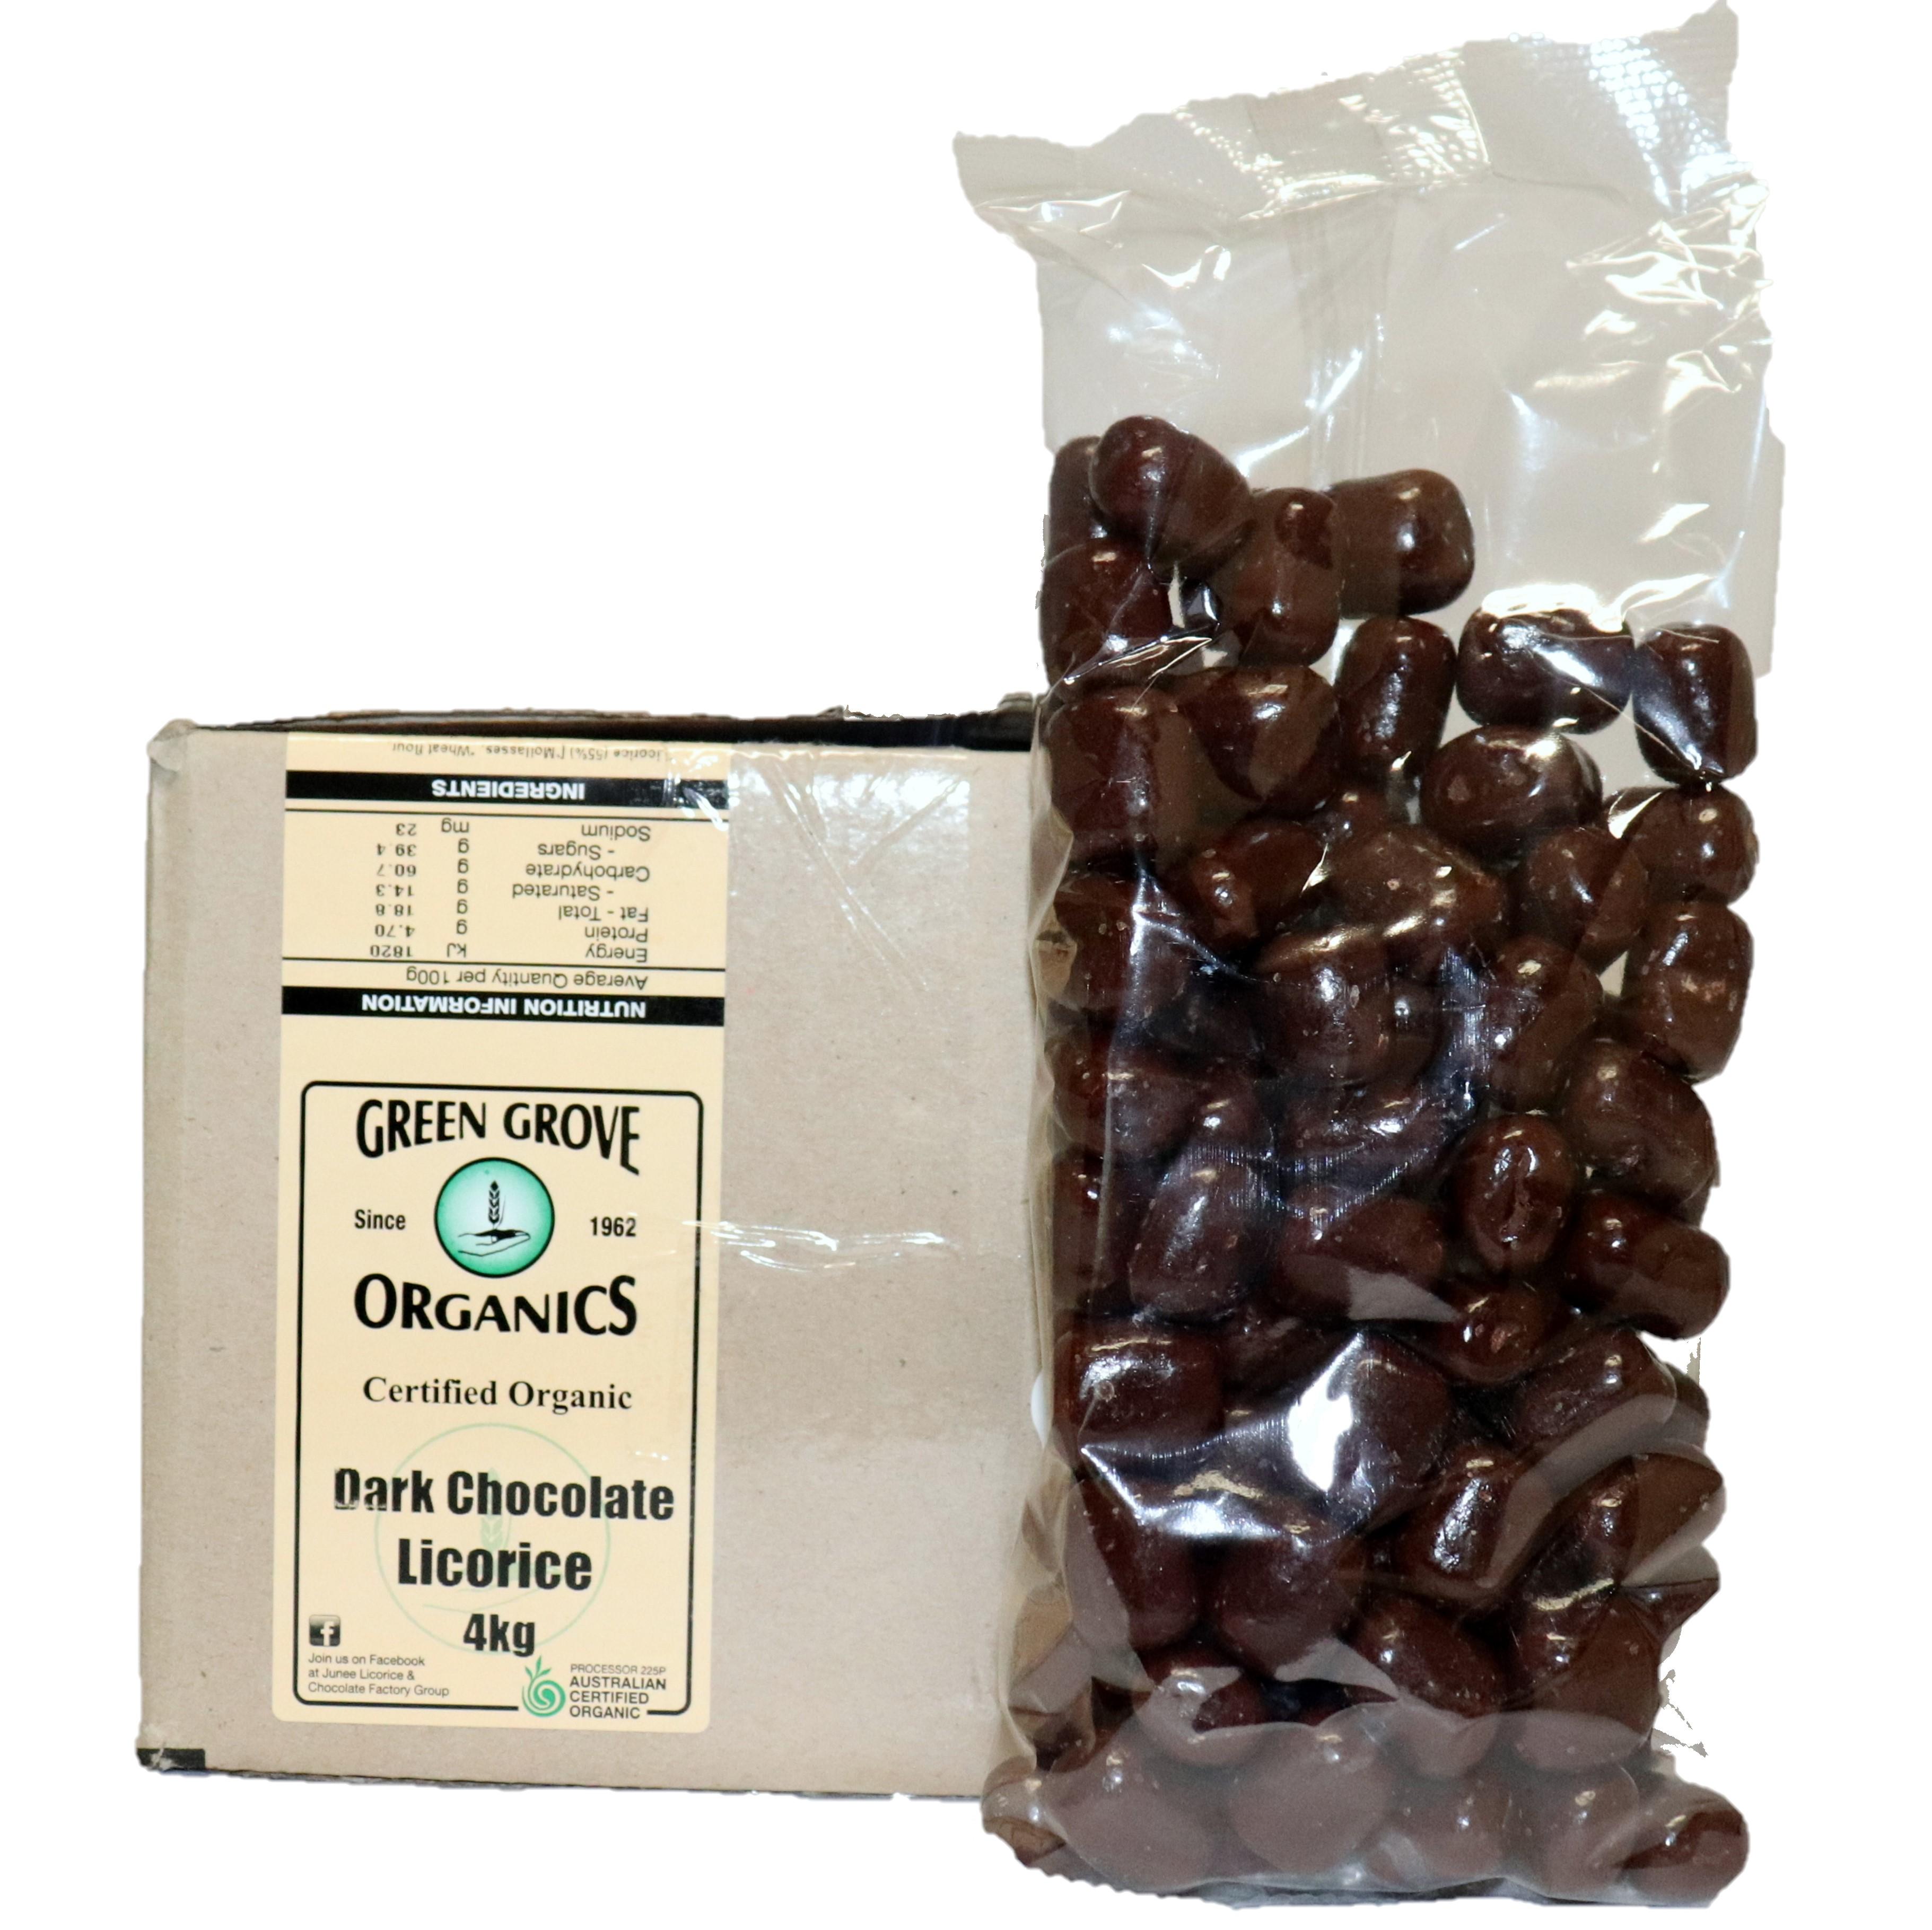 Licorice – Dark Chocolate 4kg